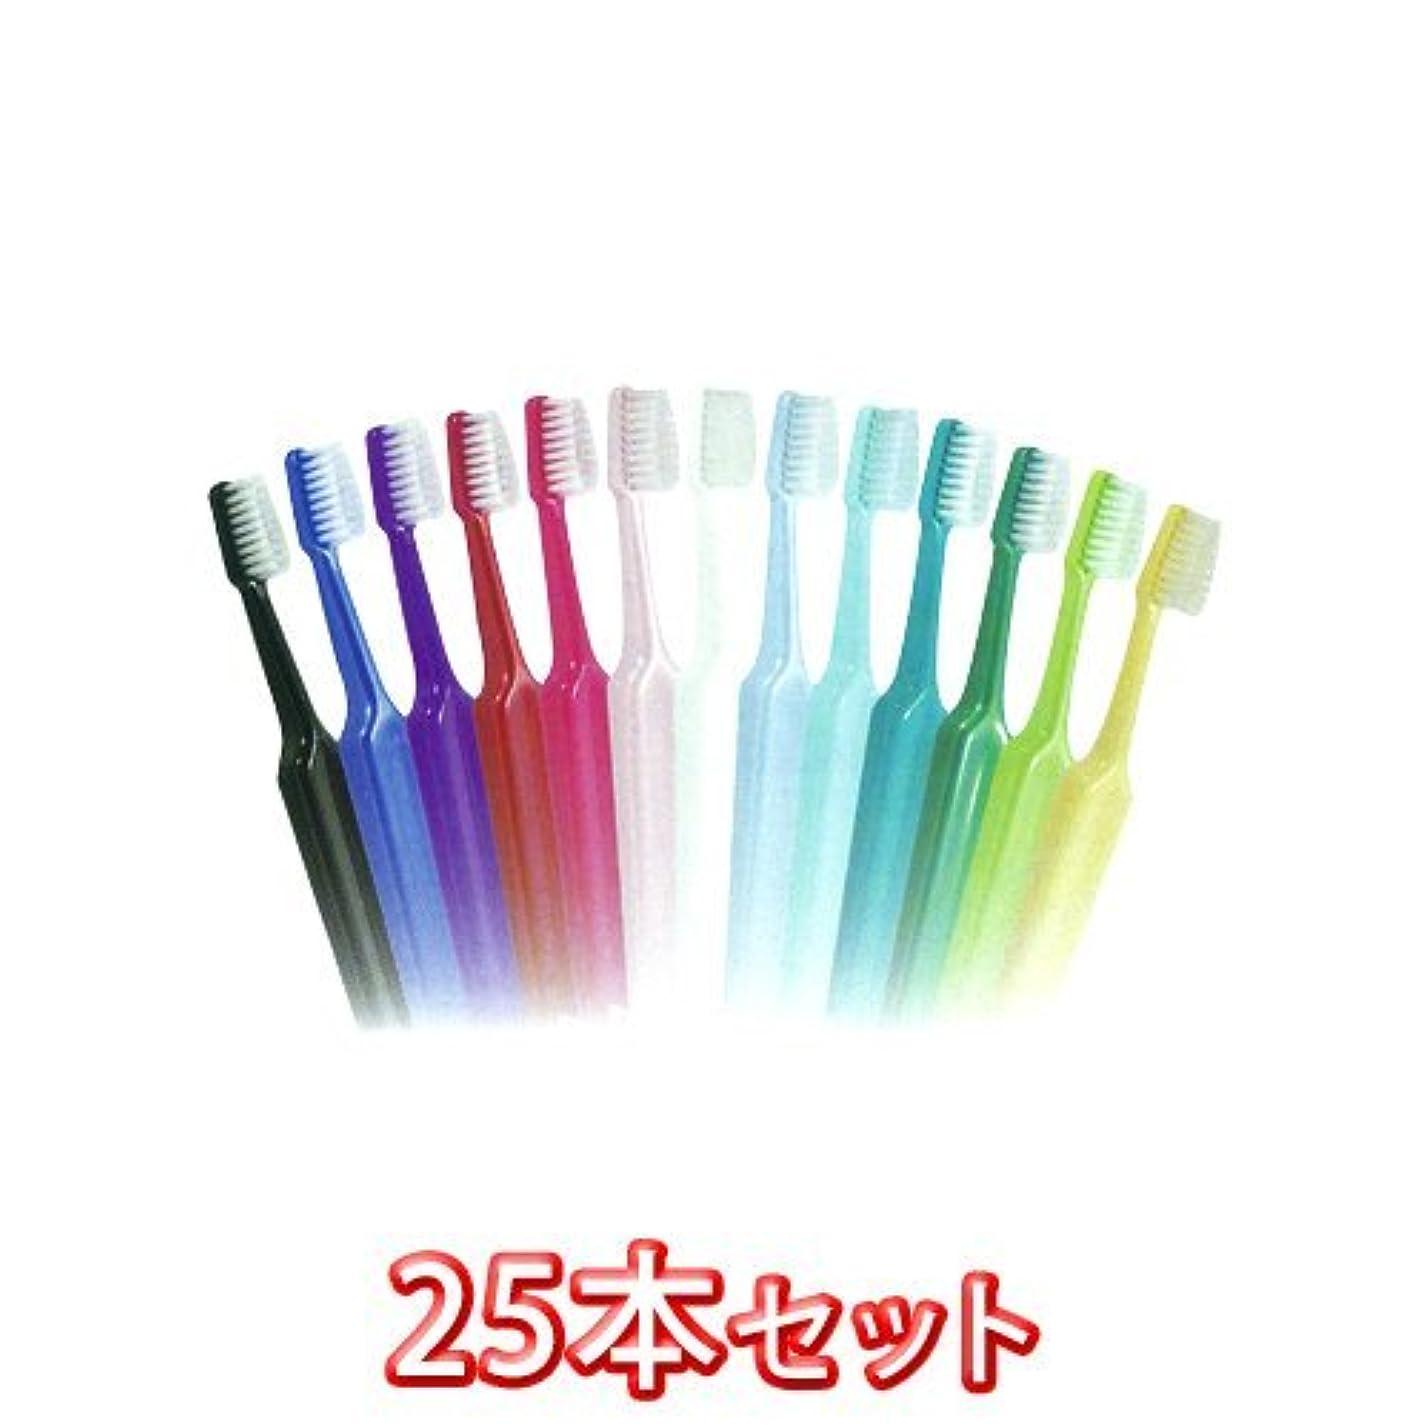 解釈たるみ白いTePeテペセレクトコンパクト歯ブラシ 25本(コンパクトエクストラソフト)